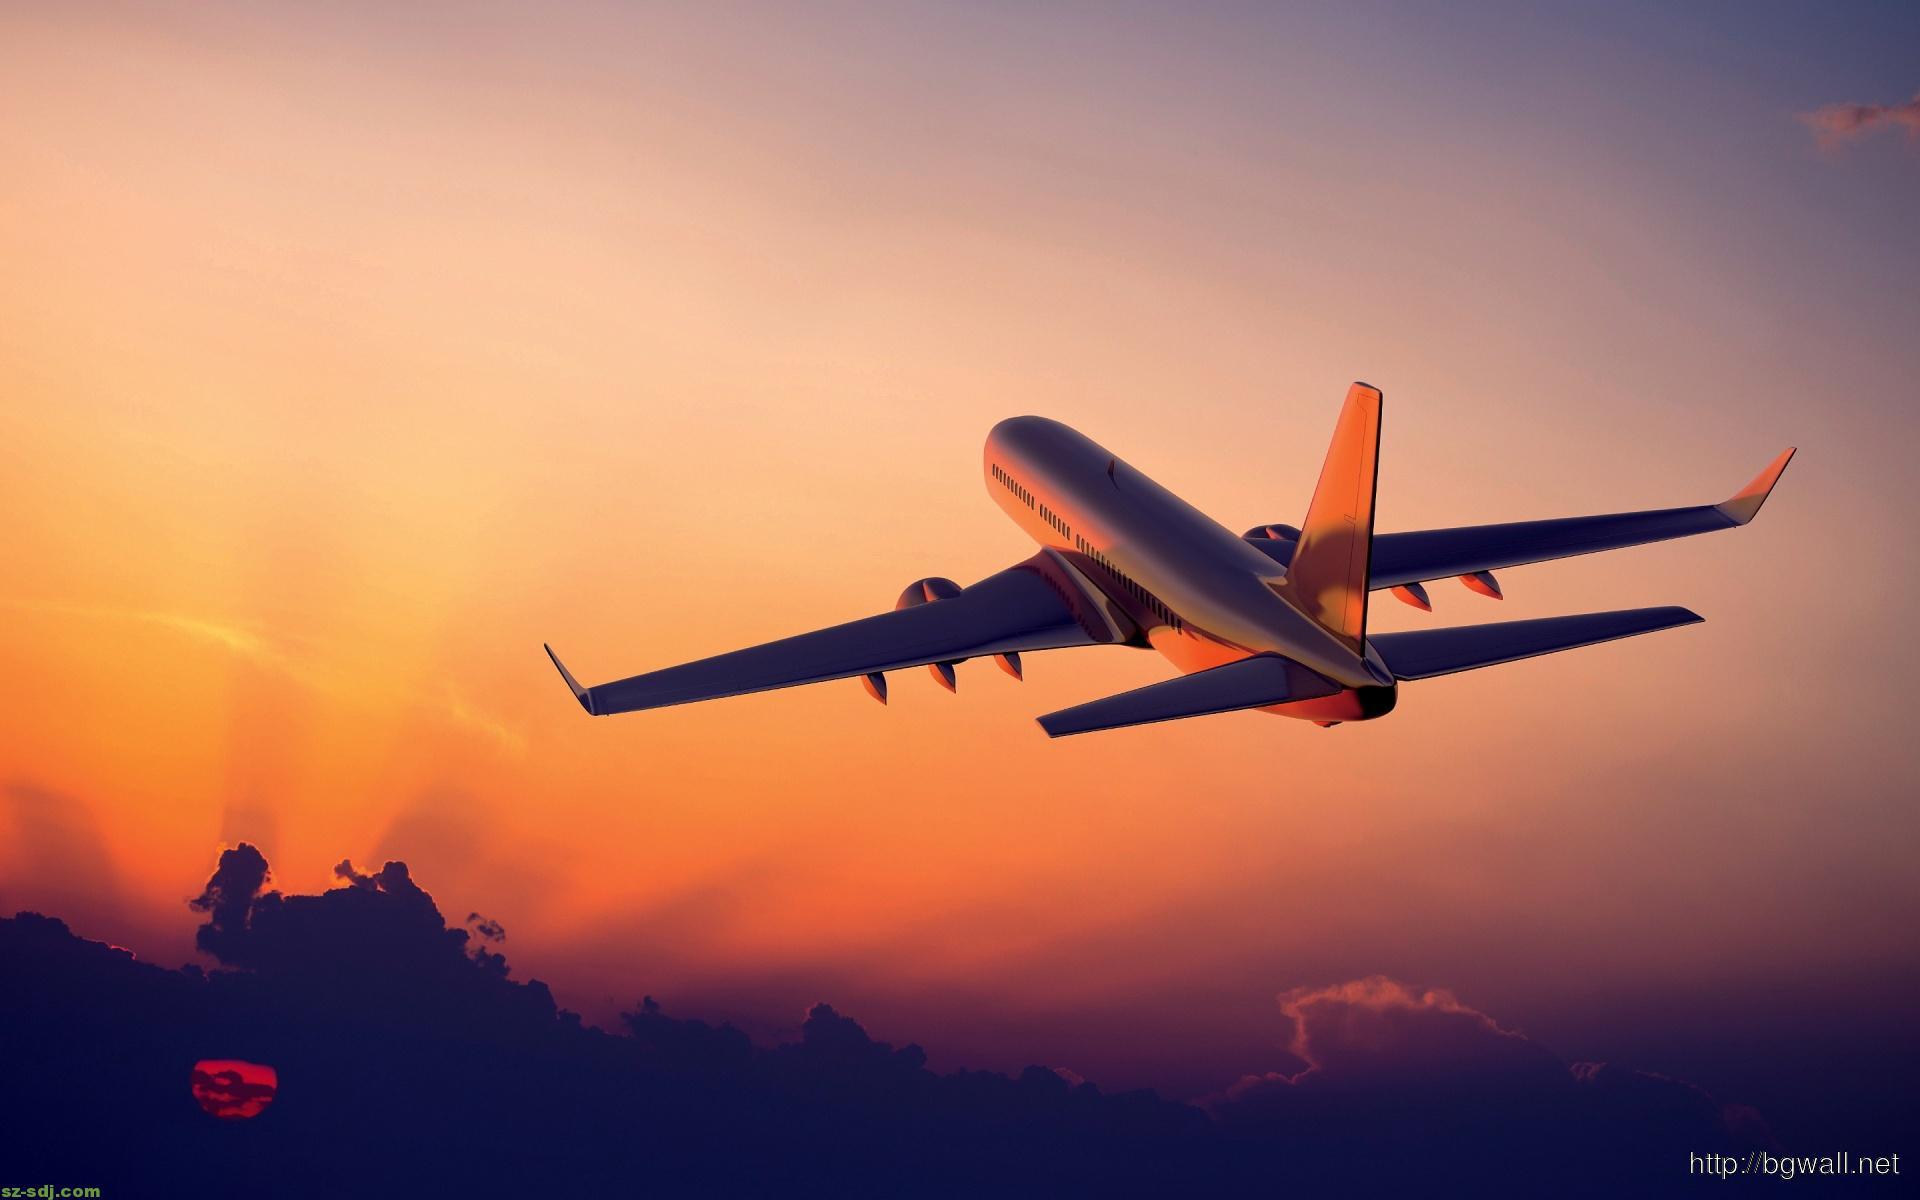 Sem passageiros, companhias aéreas lotam aviões com cargas variadas